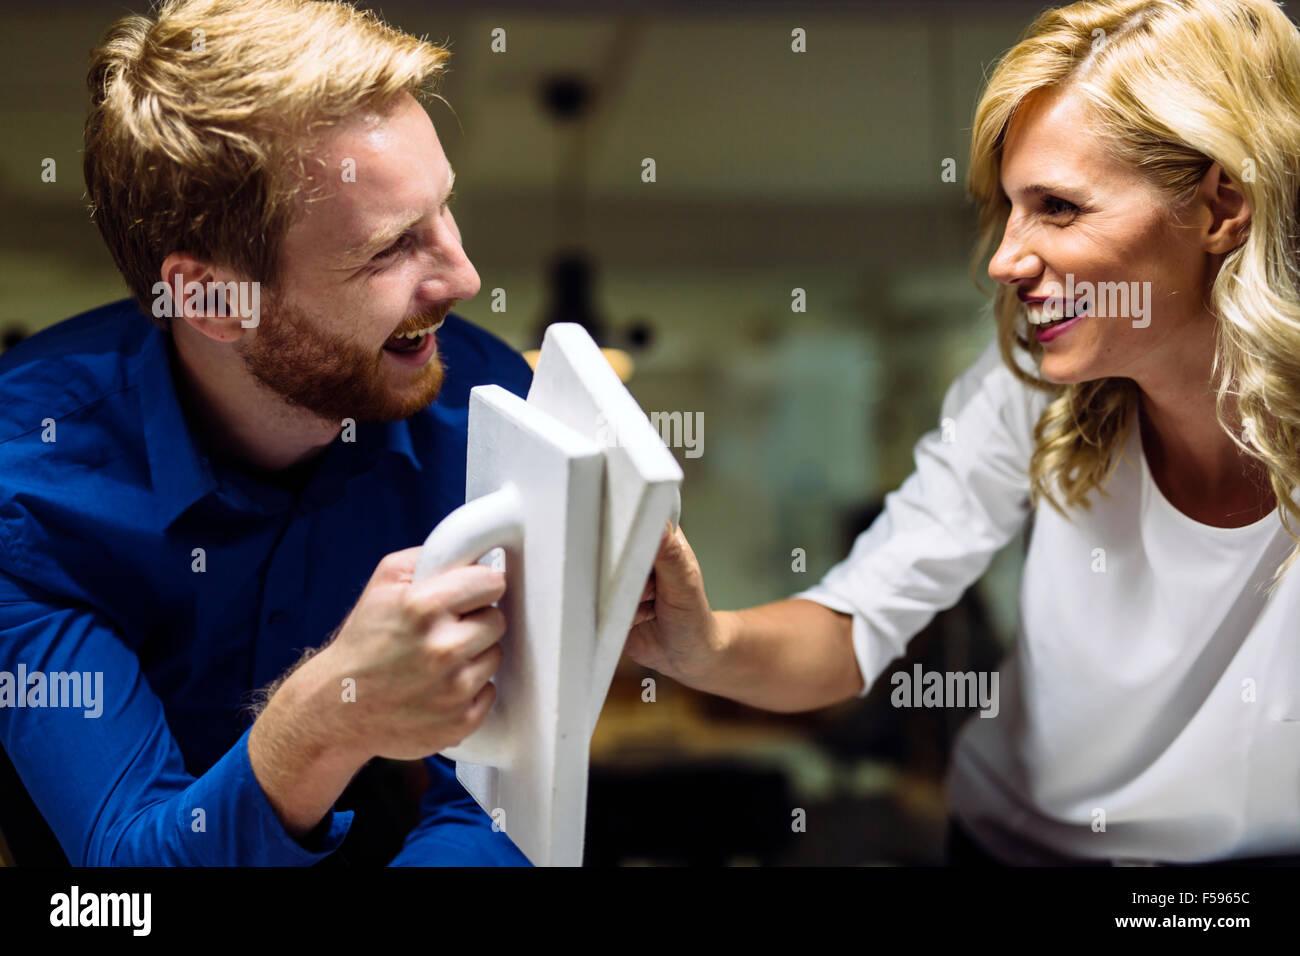 La collaboration et l'autodétermination mène au succès Photo Stock